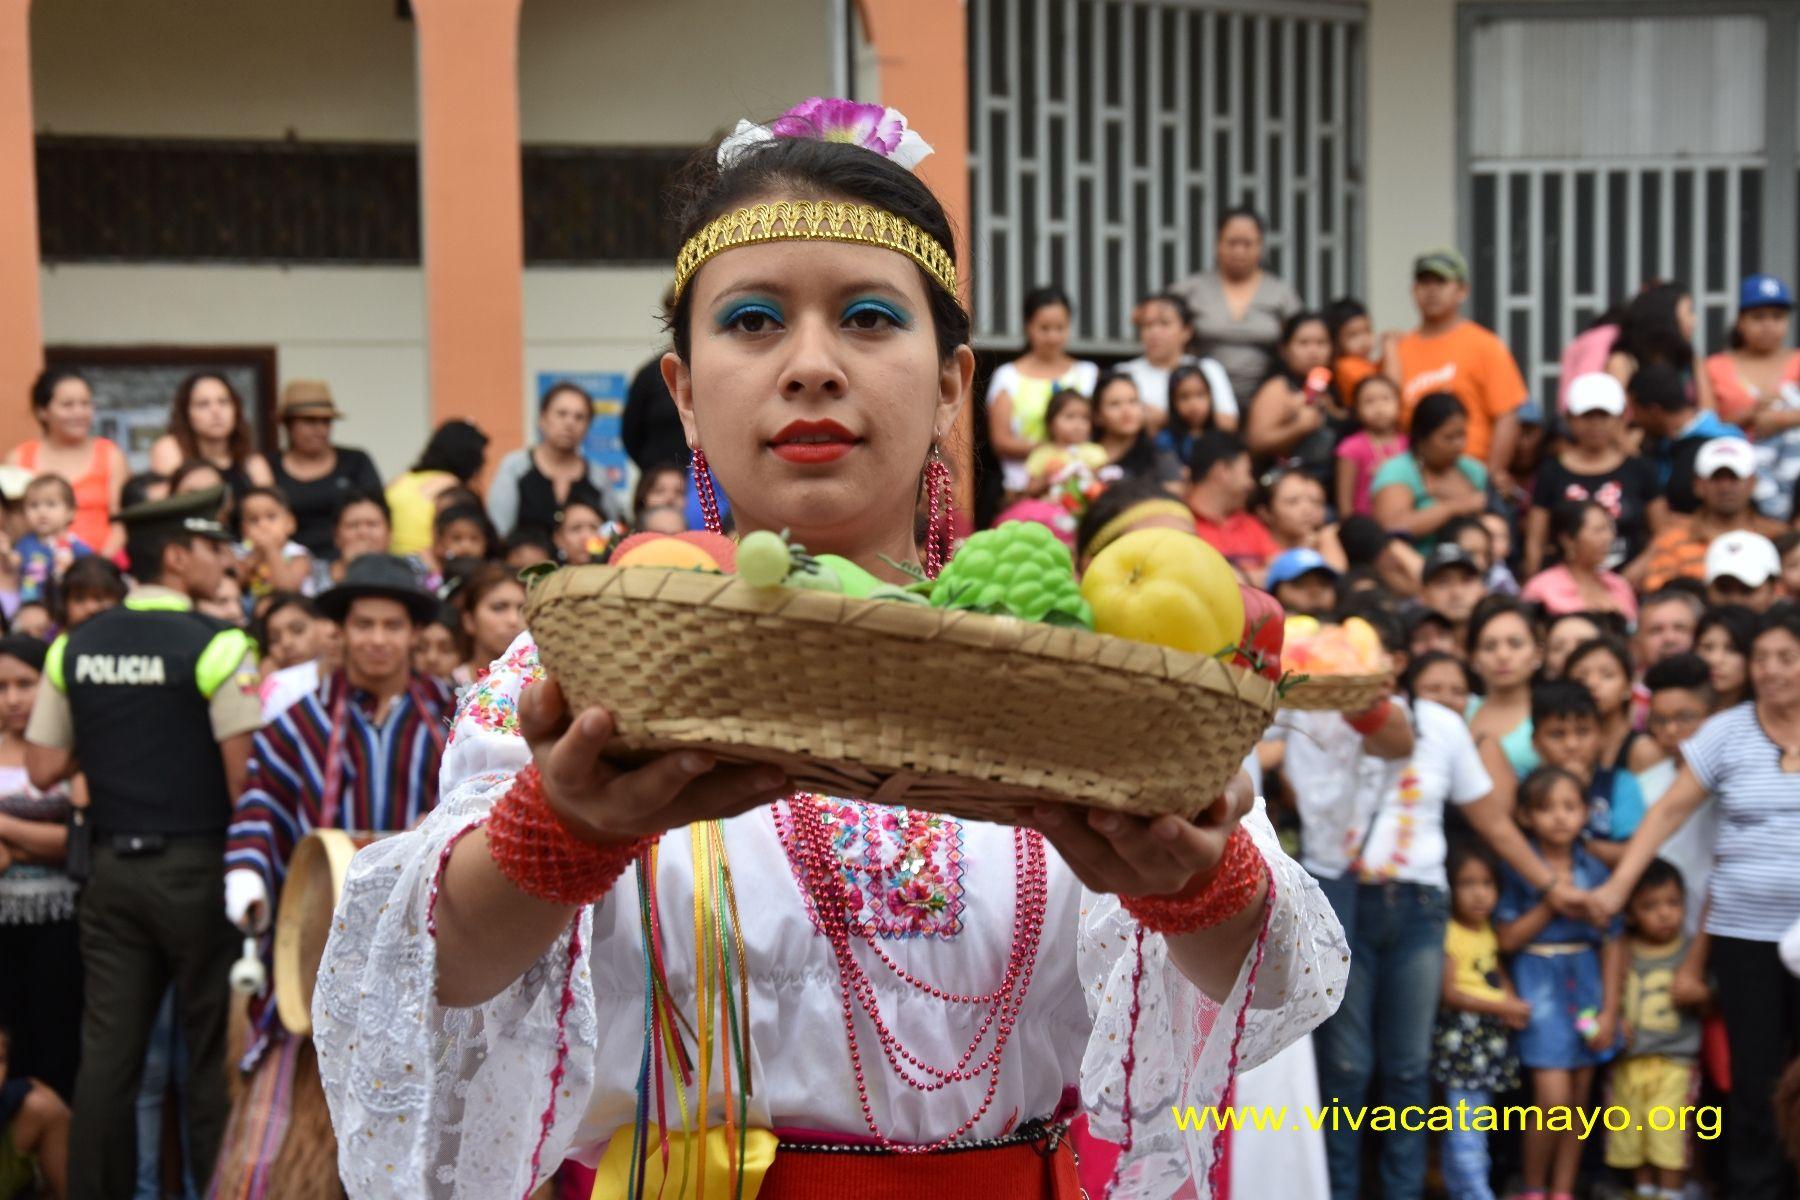 Carnaval 2017- Catamayo- Alma Bella (1)080